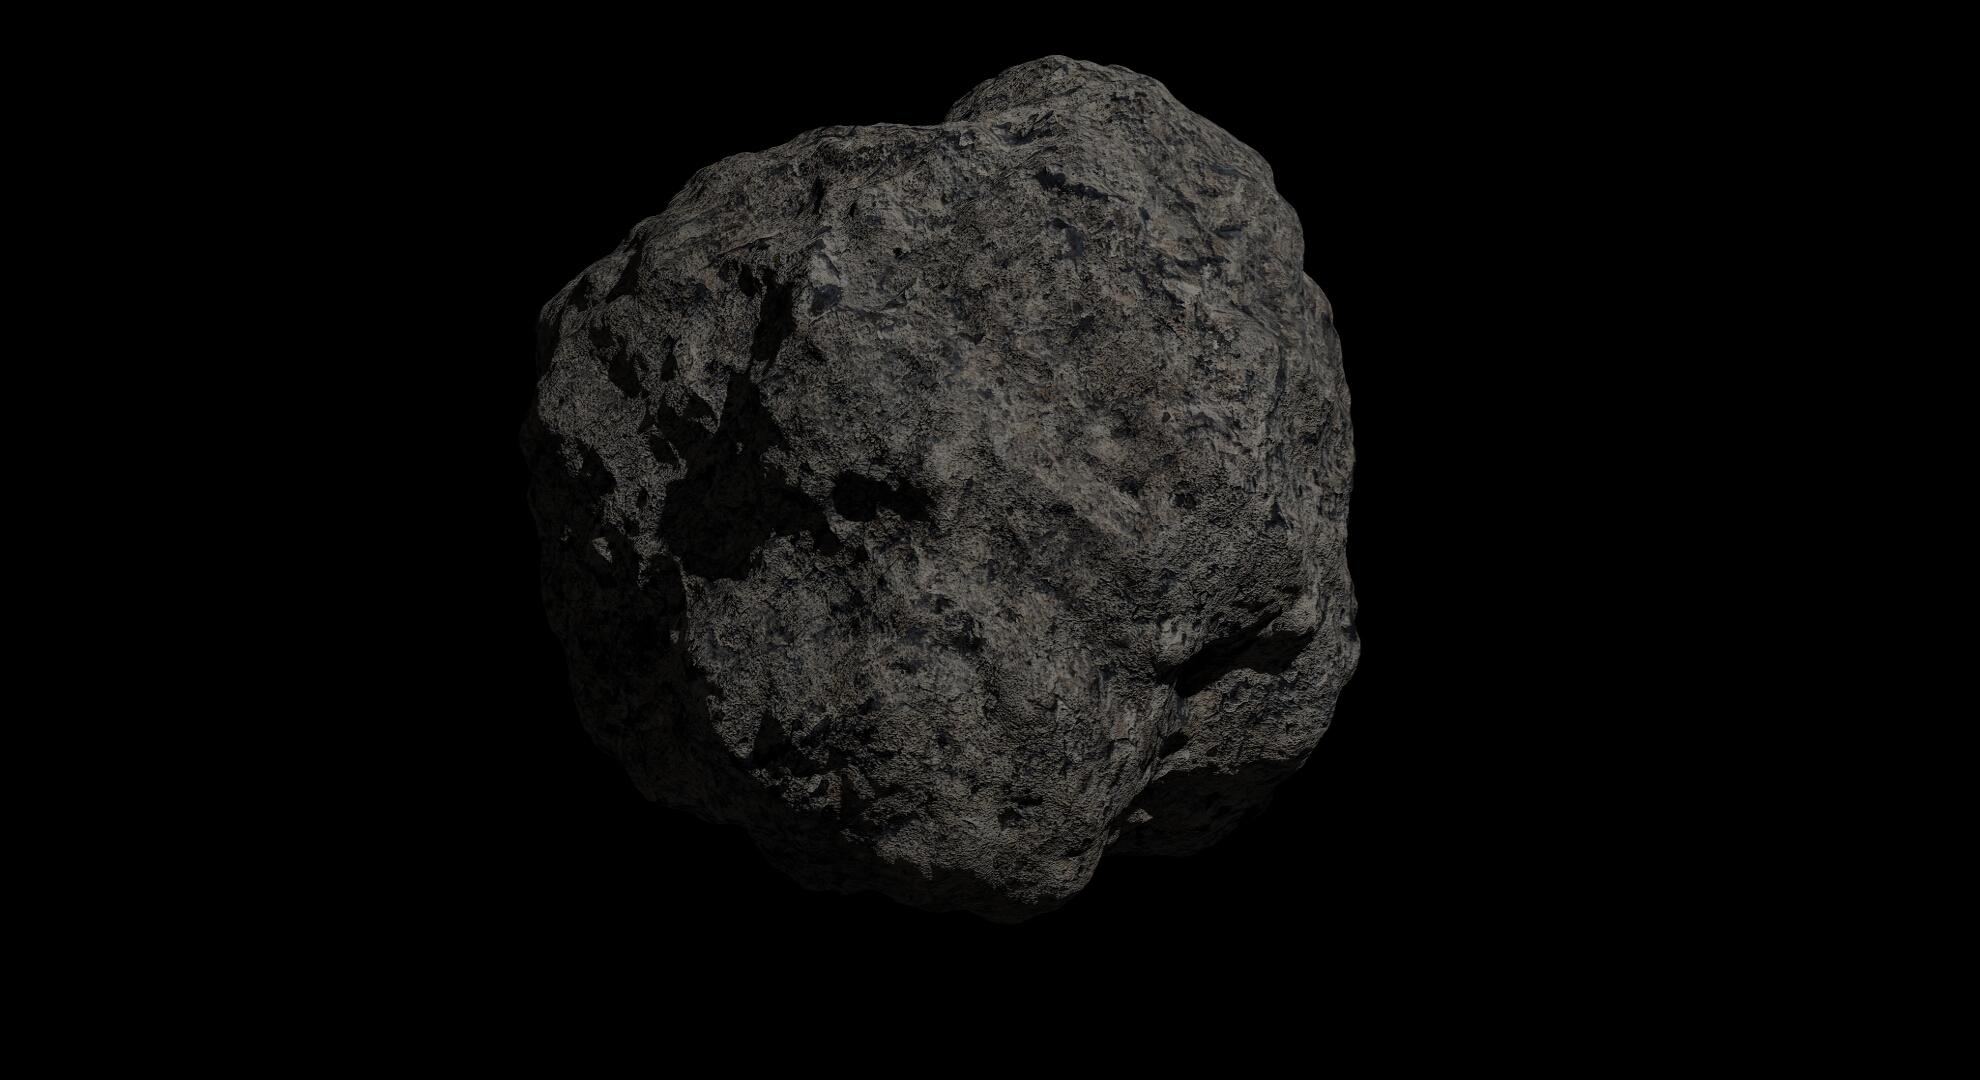 fantaziya asteroid 2 3d modeli 3s qarışığı da fbx obj 267202